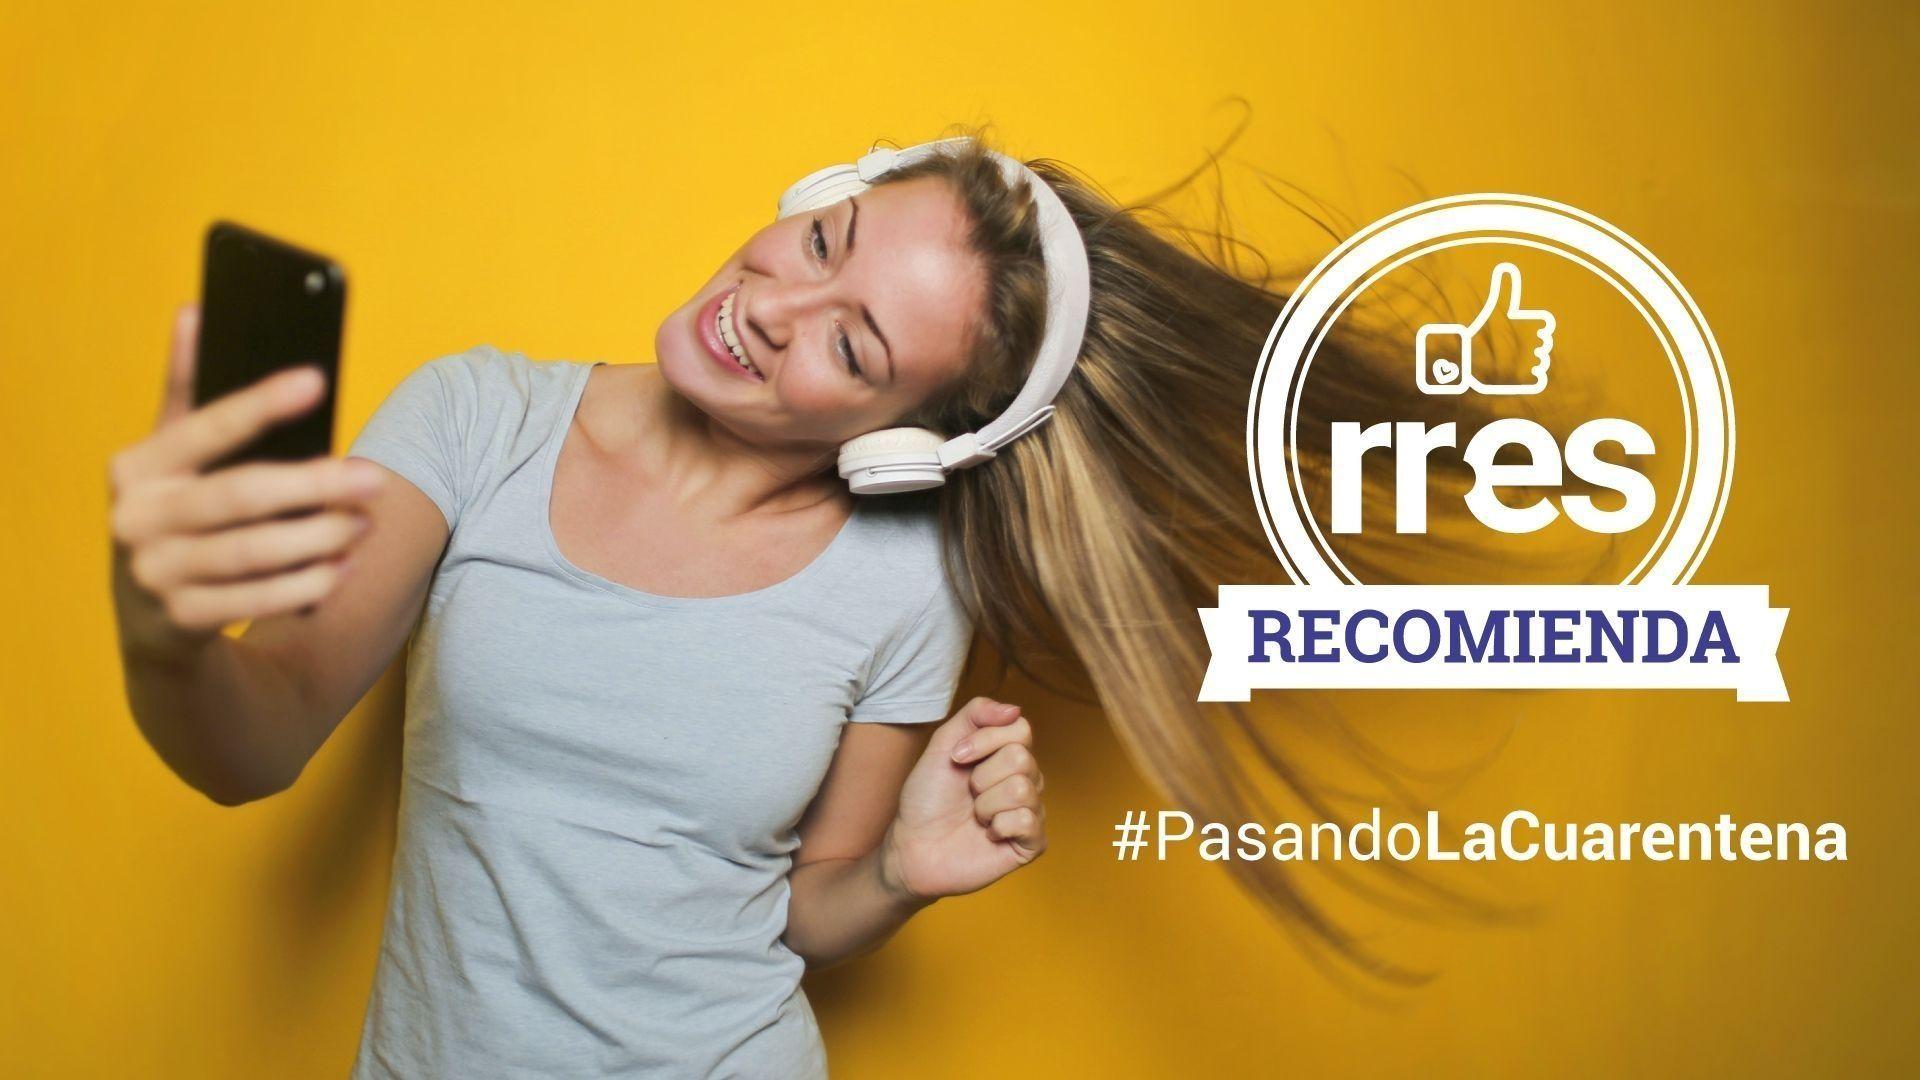 #PasandoLaCuarentena | 13 versiones de canciones que son tan buenas como la original